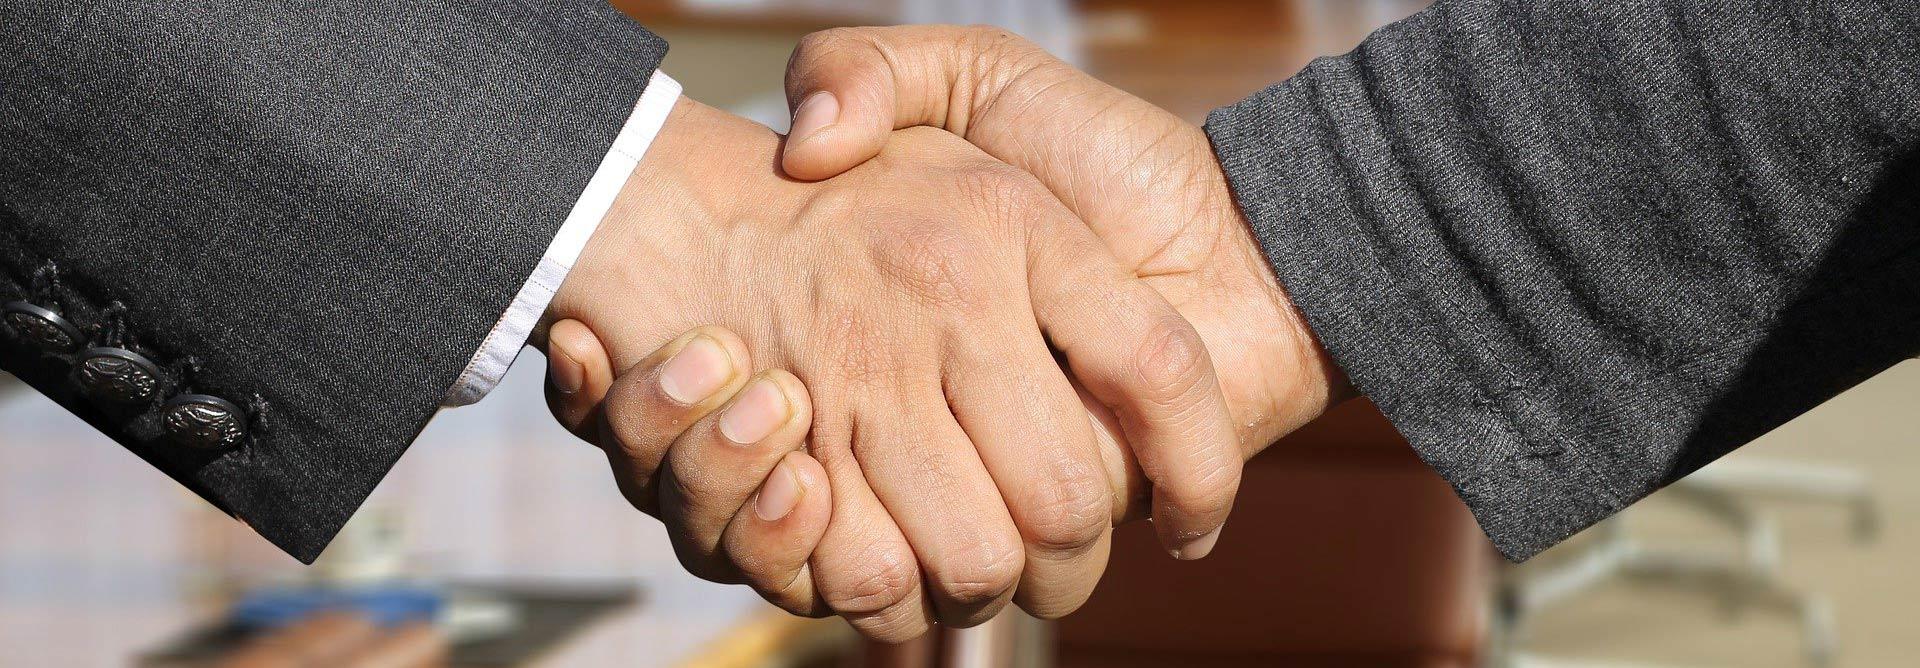 Poignée de main dans une salle de réunion